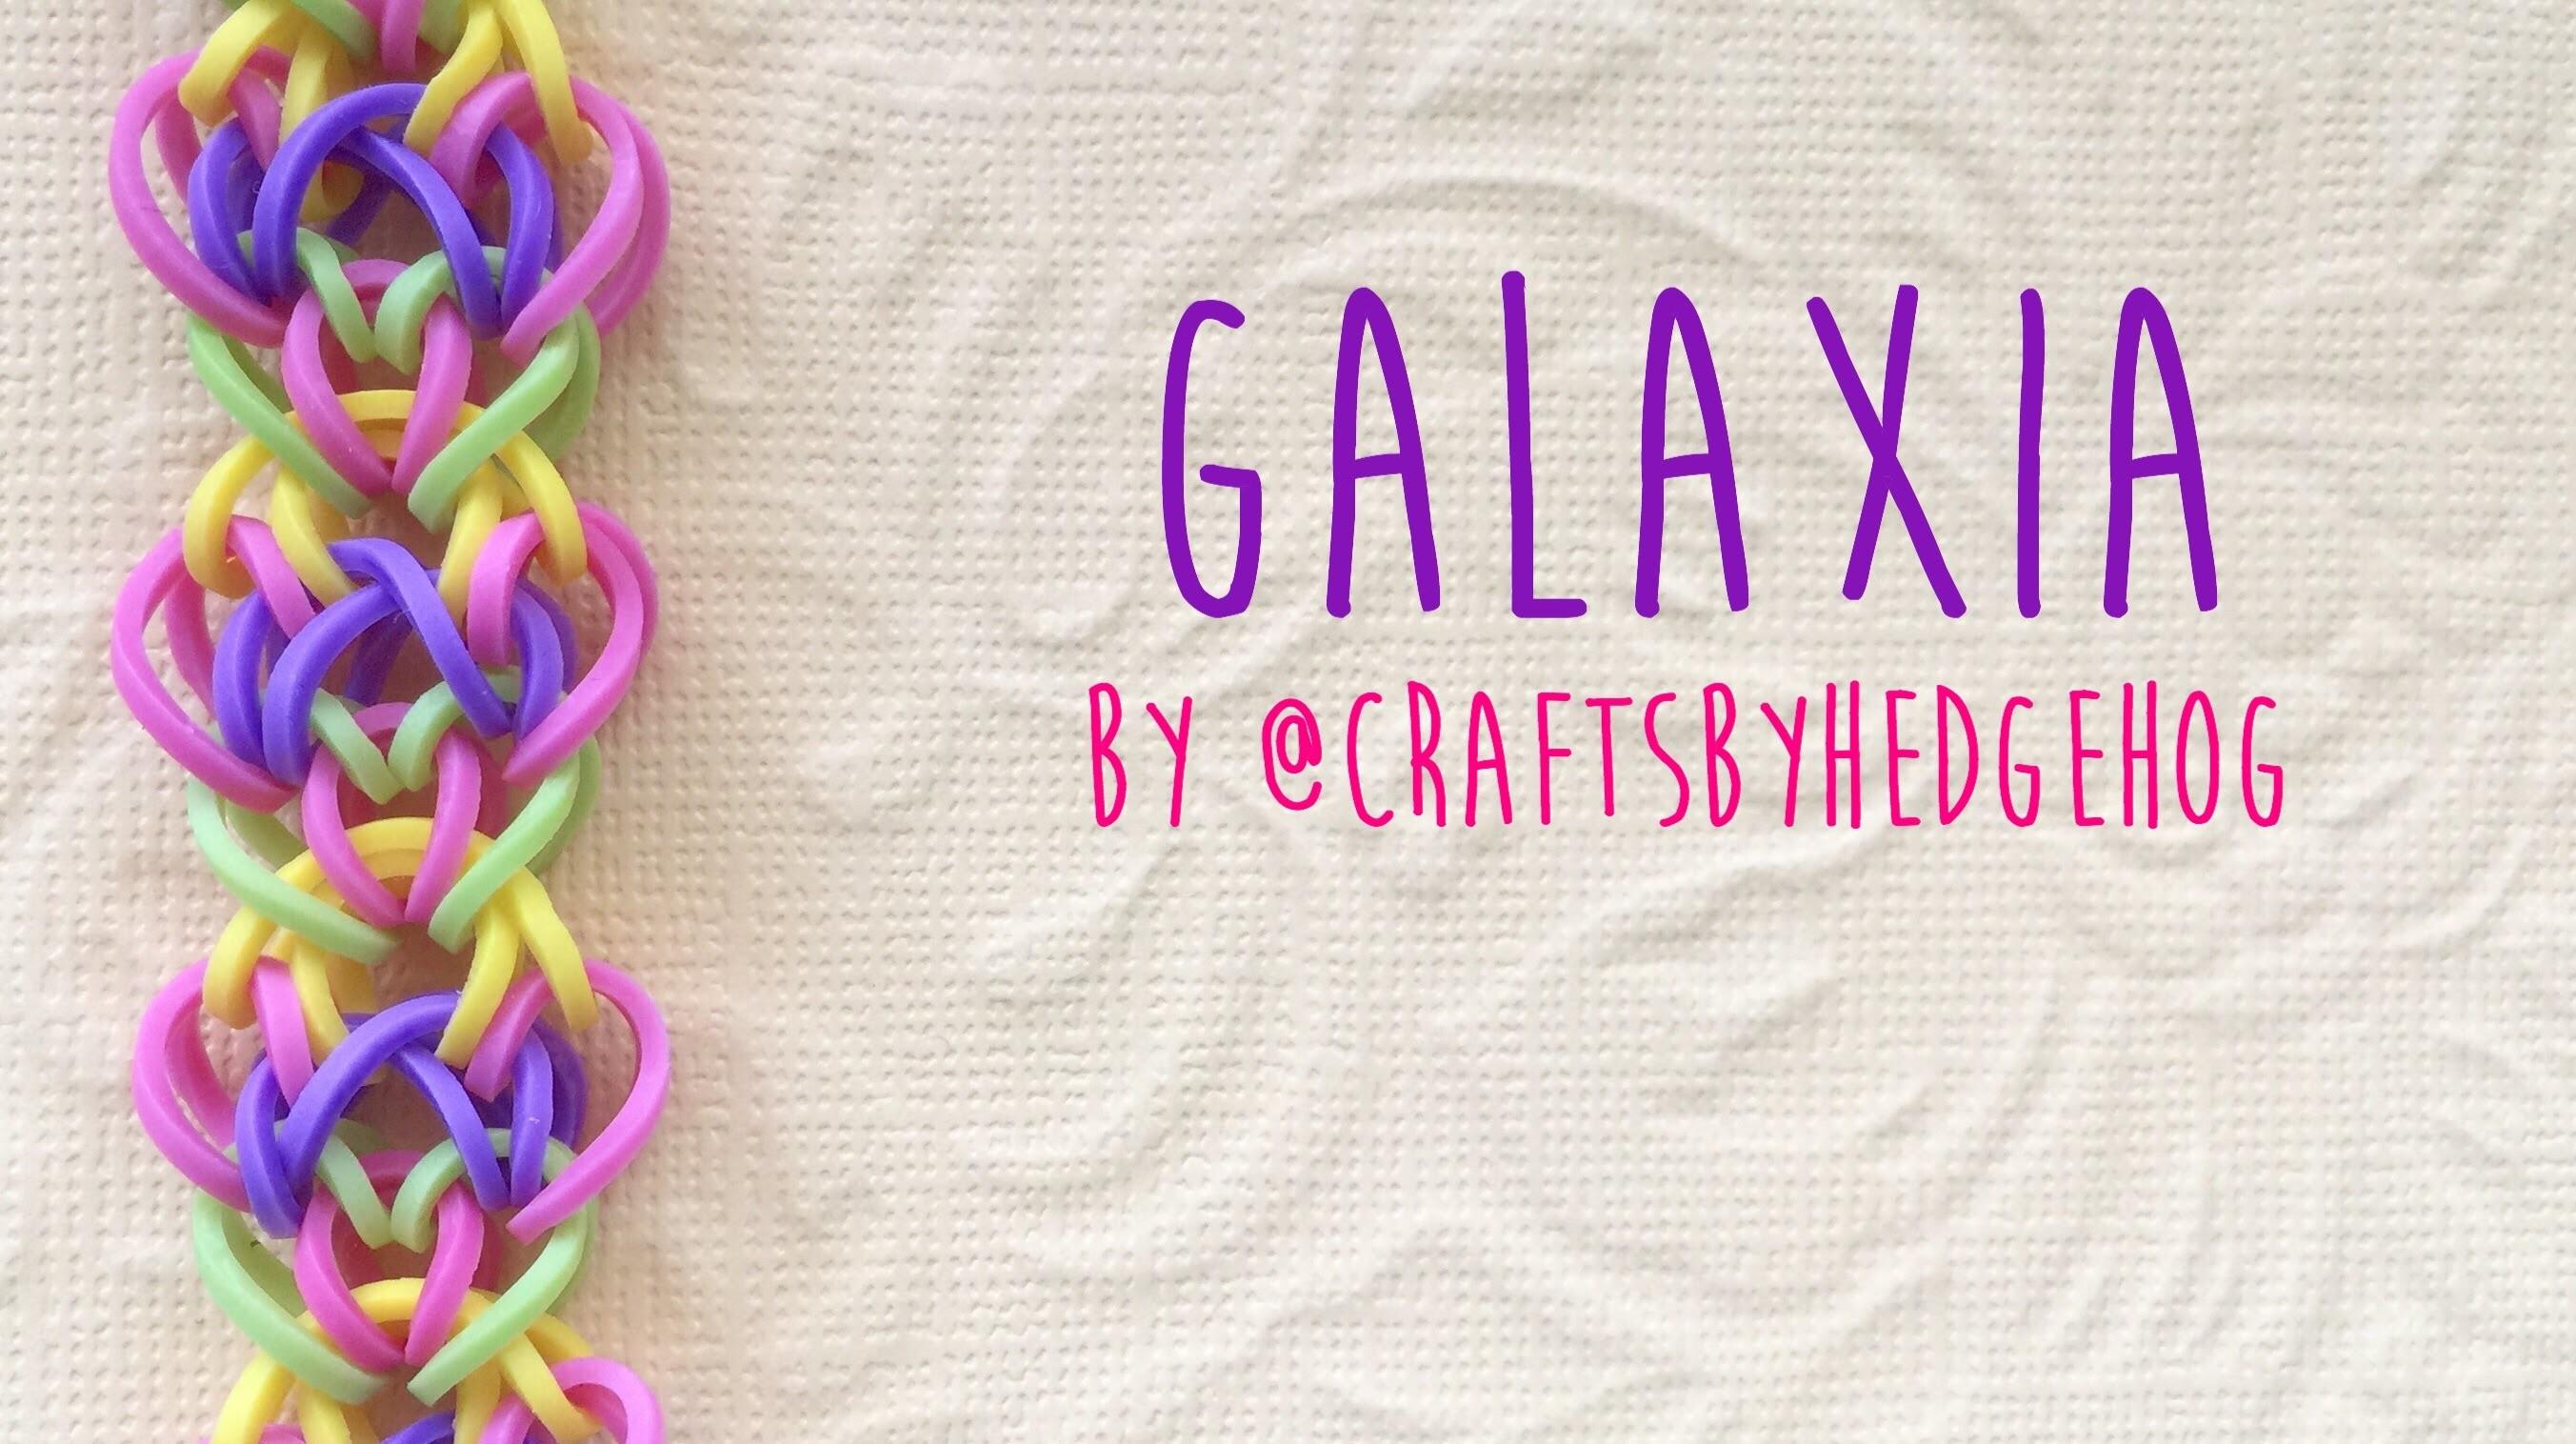 Rainbow Loom Bands Galaxia by @craftsbyhedgehog tutorial